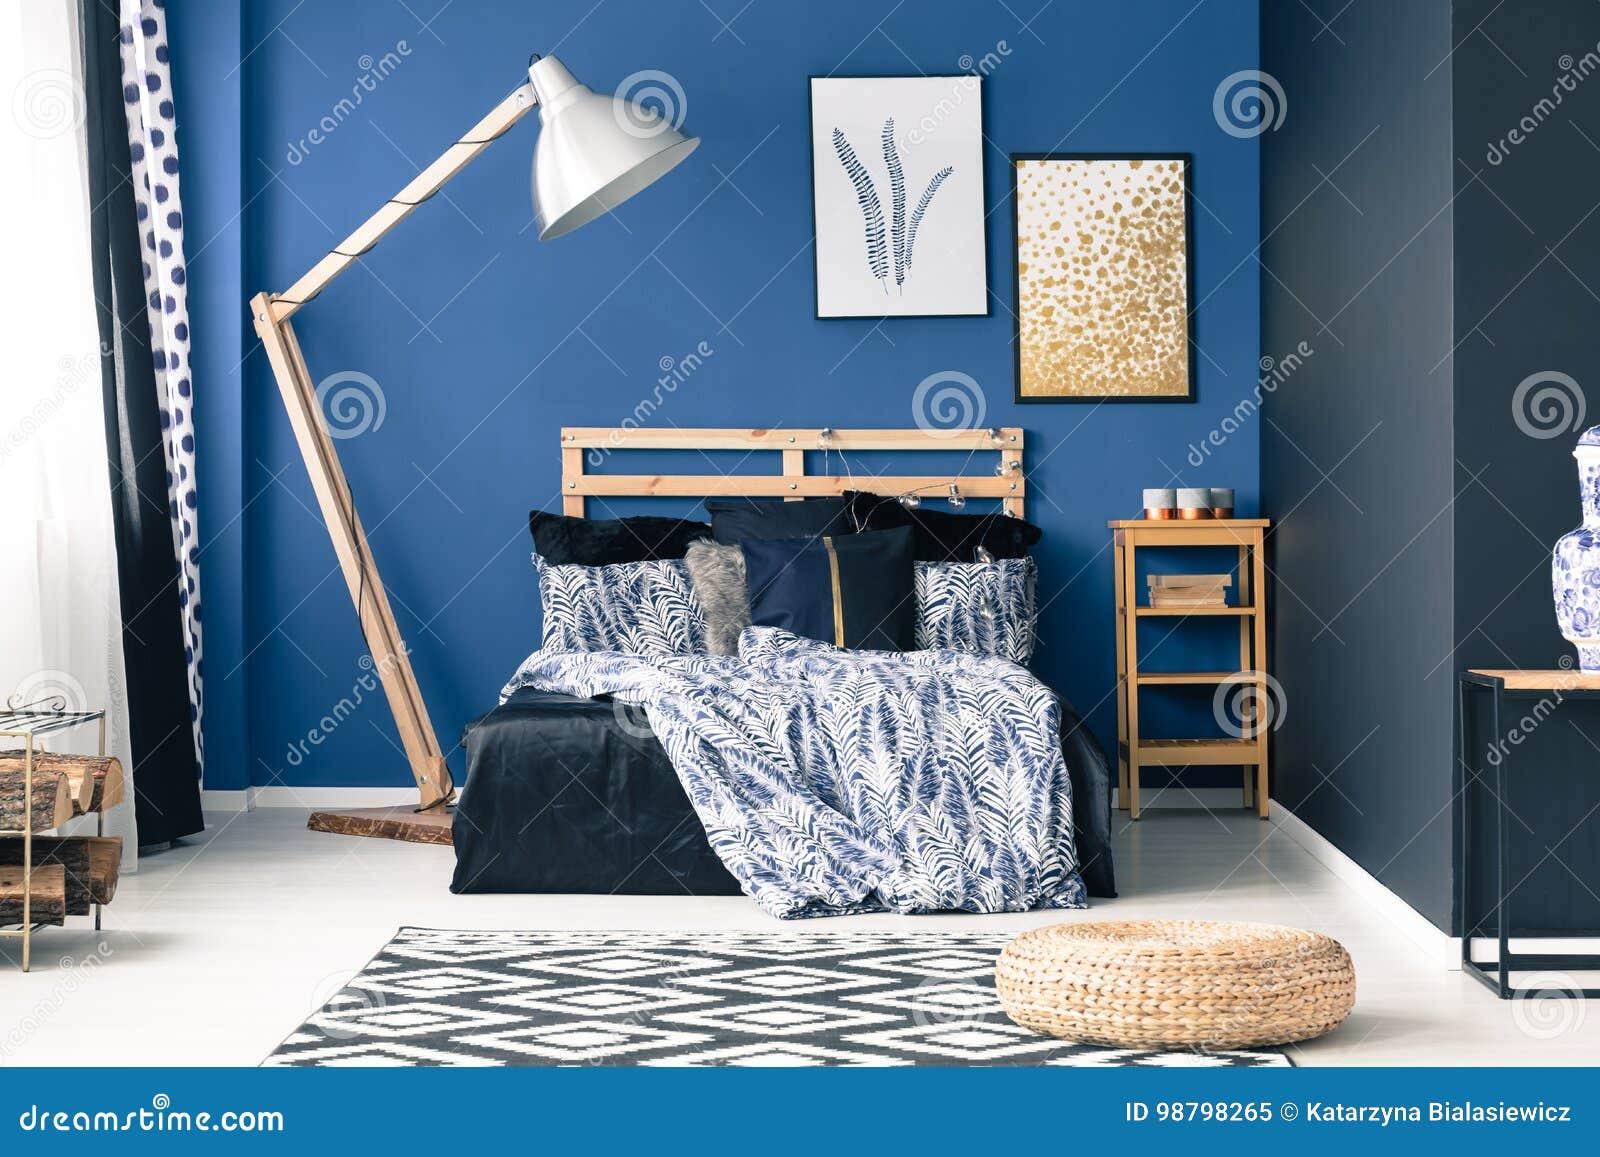 Blaues Schlafzimmer Mit Goldakzenten Stockbild - Bild von pelz ...